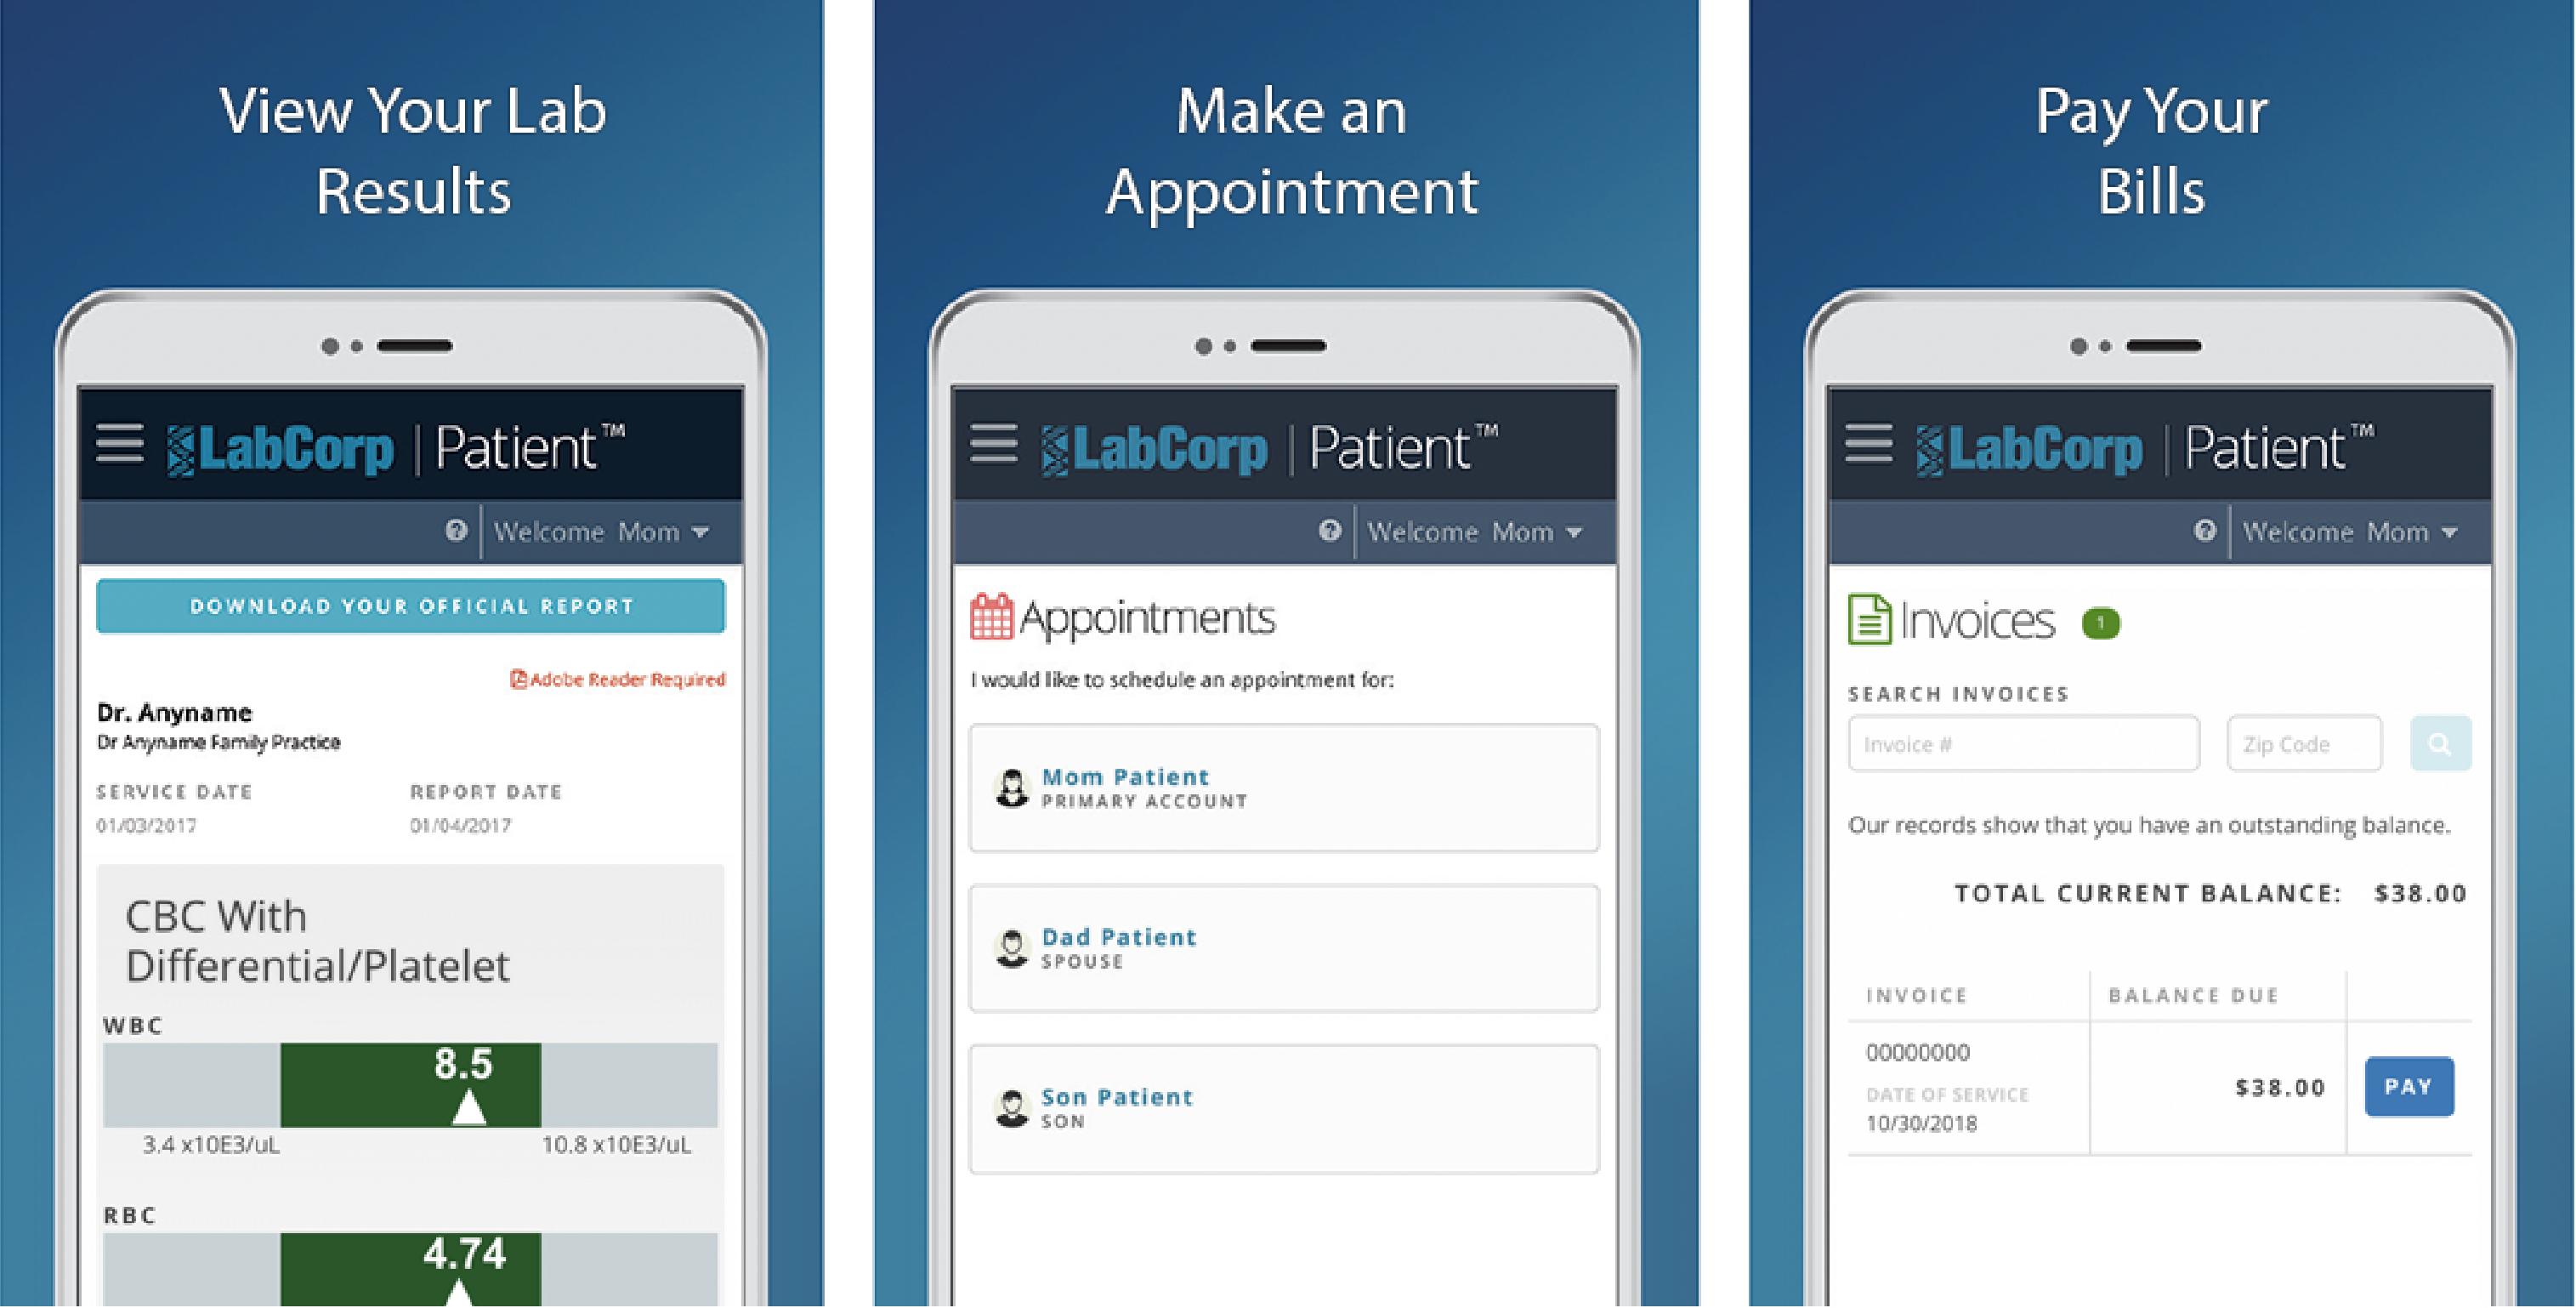 LabCorp Patient mobile app